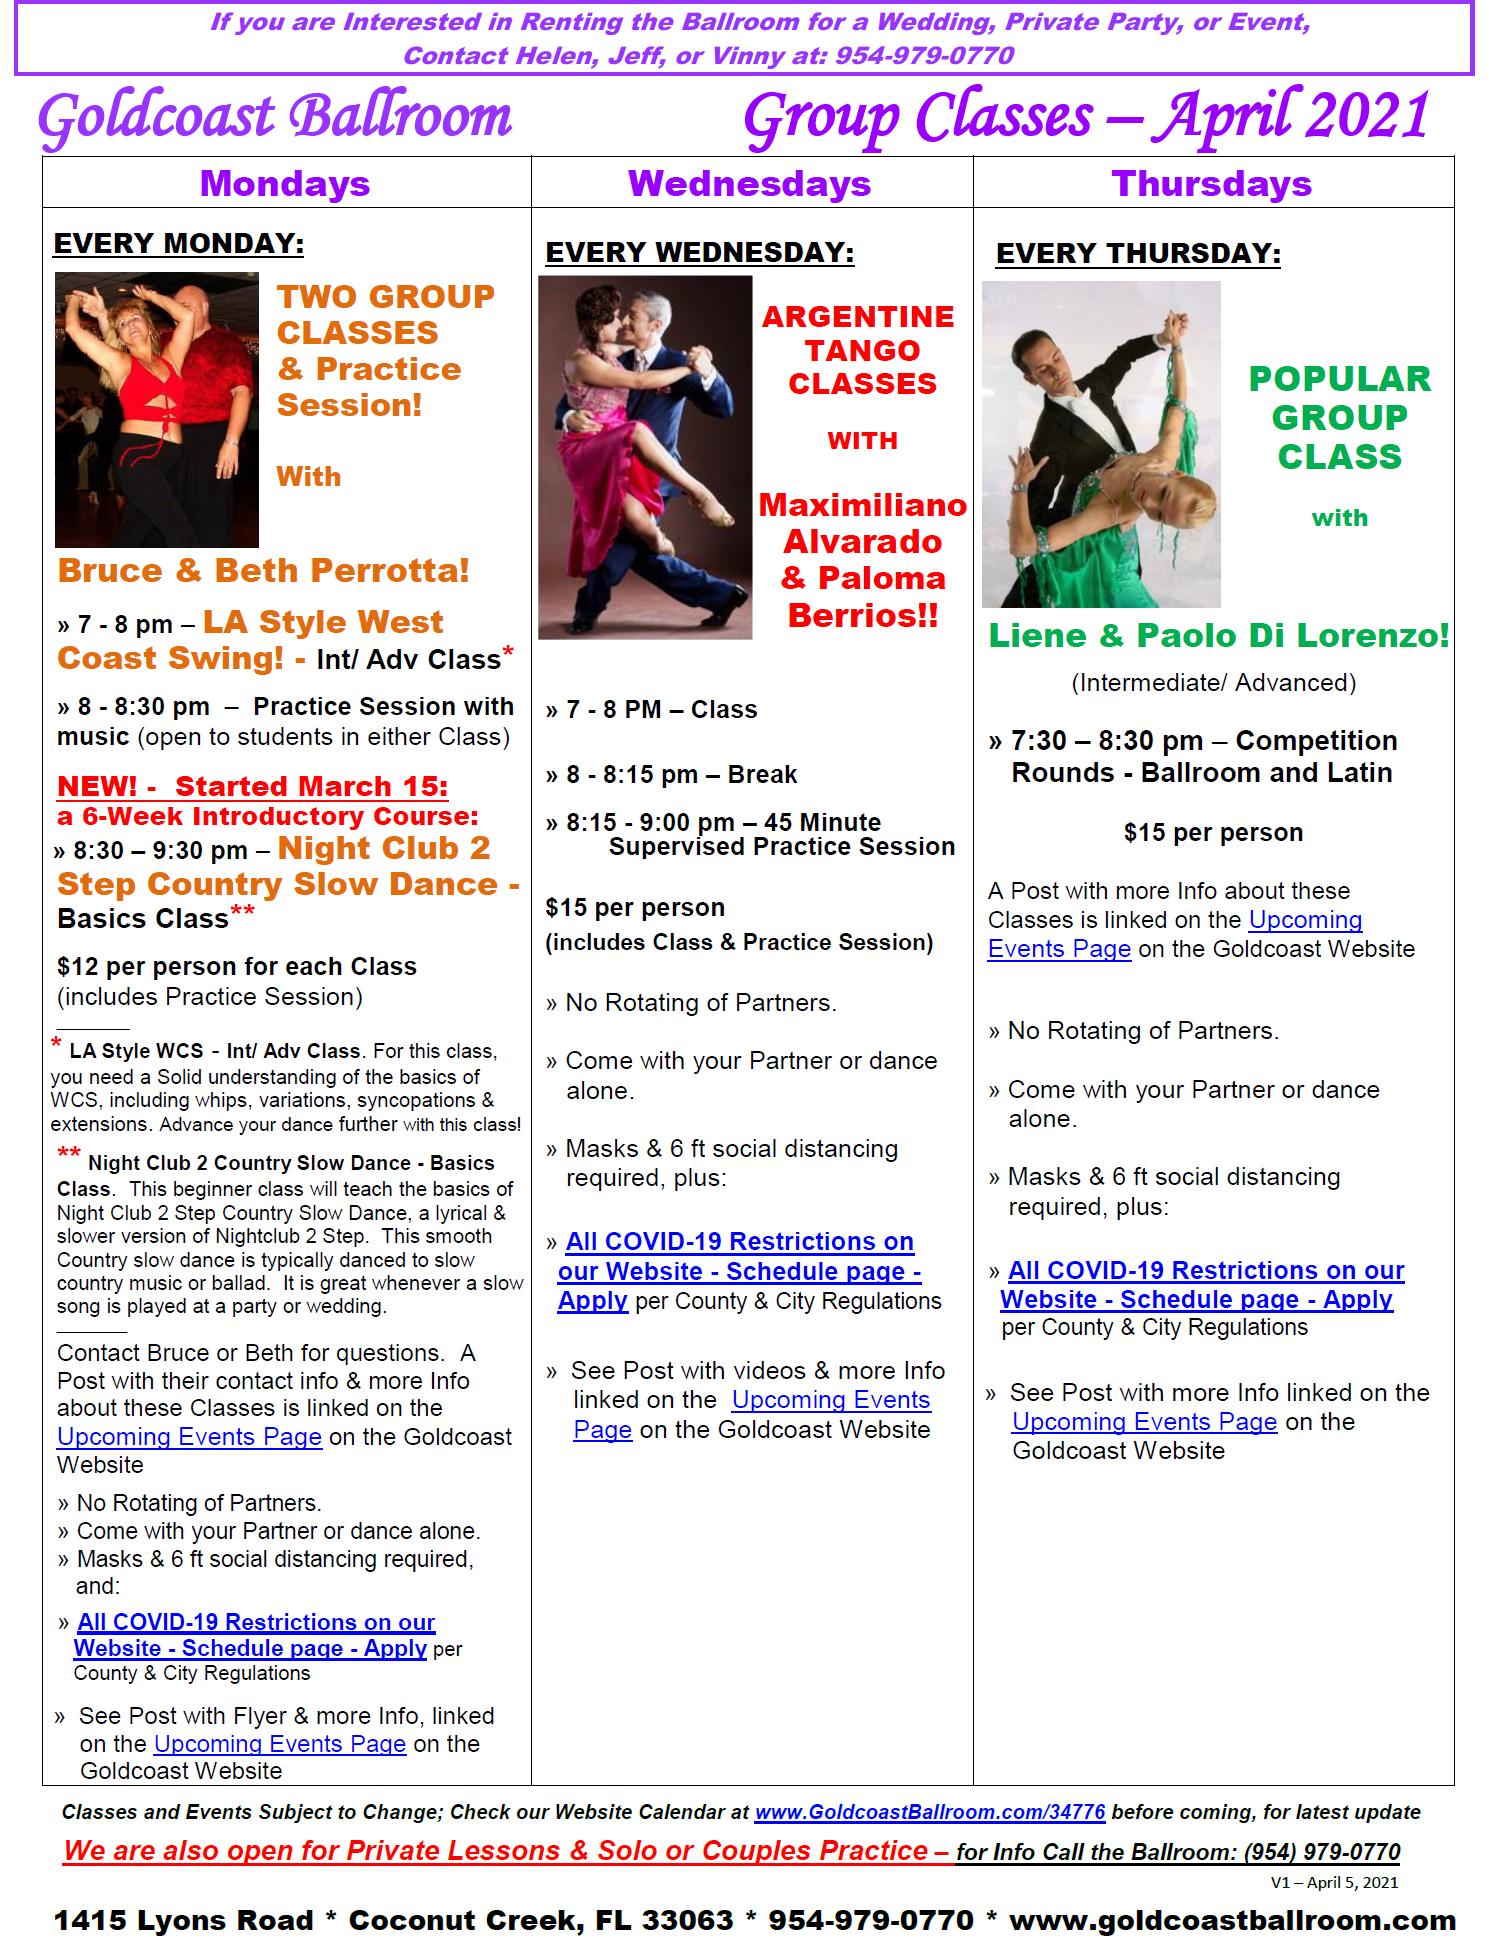 Goldcoast Ballroom - April 2021 Calendar - Group Class Schedule